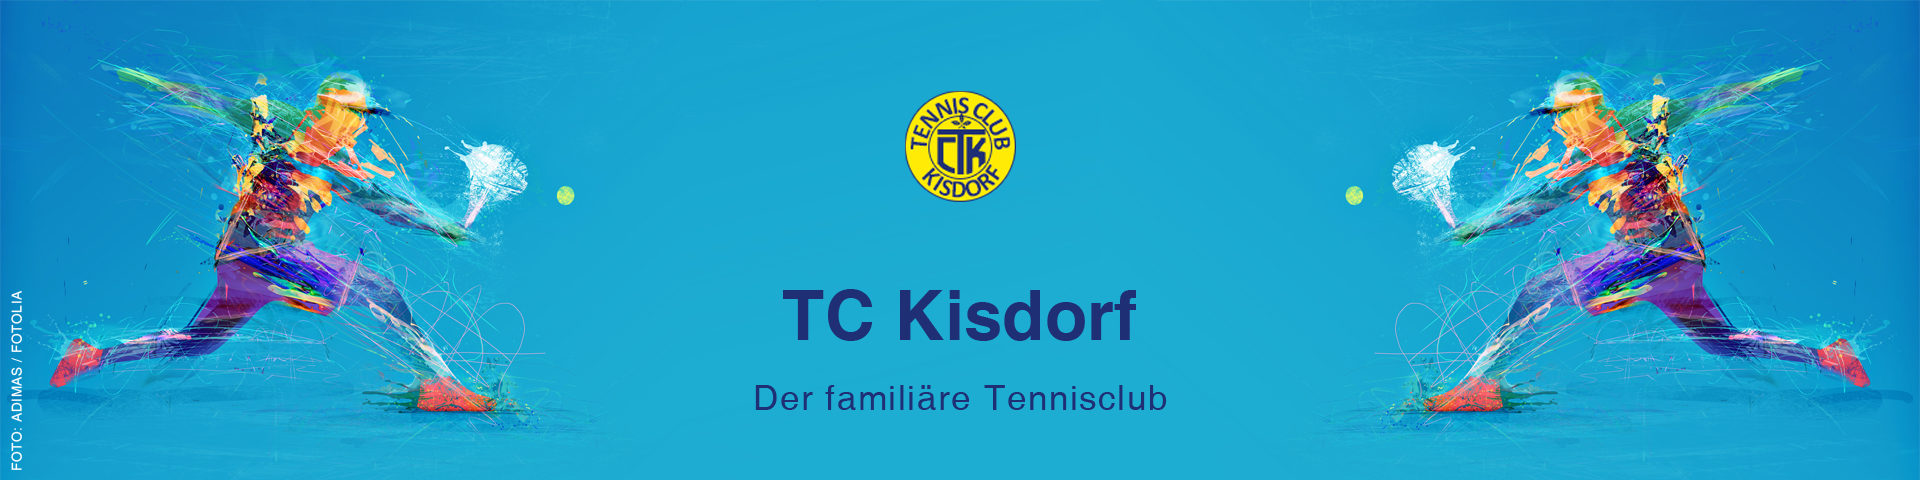 TC-Kisdorf